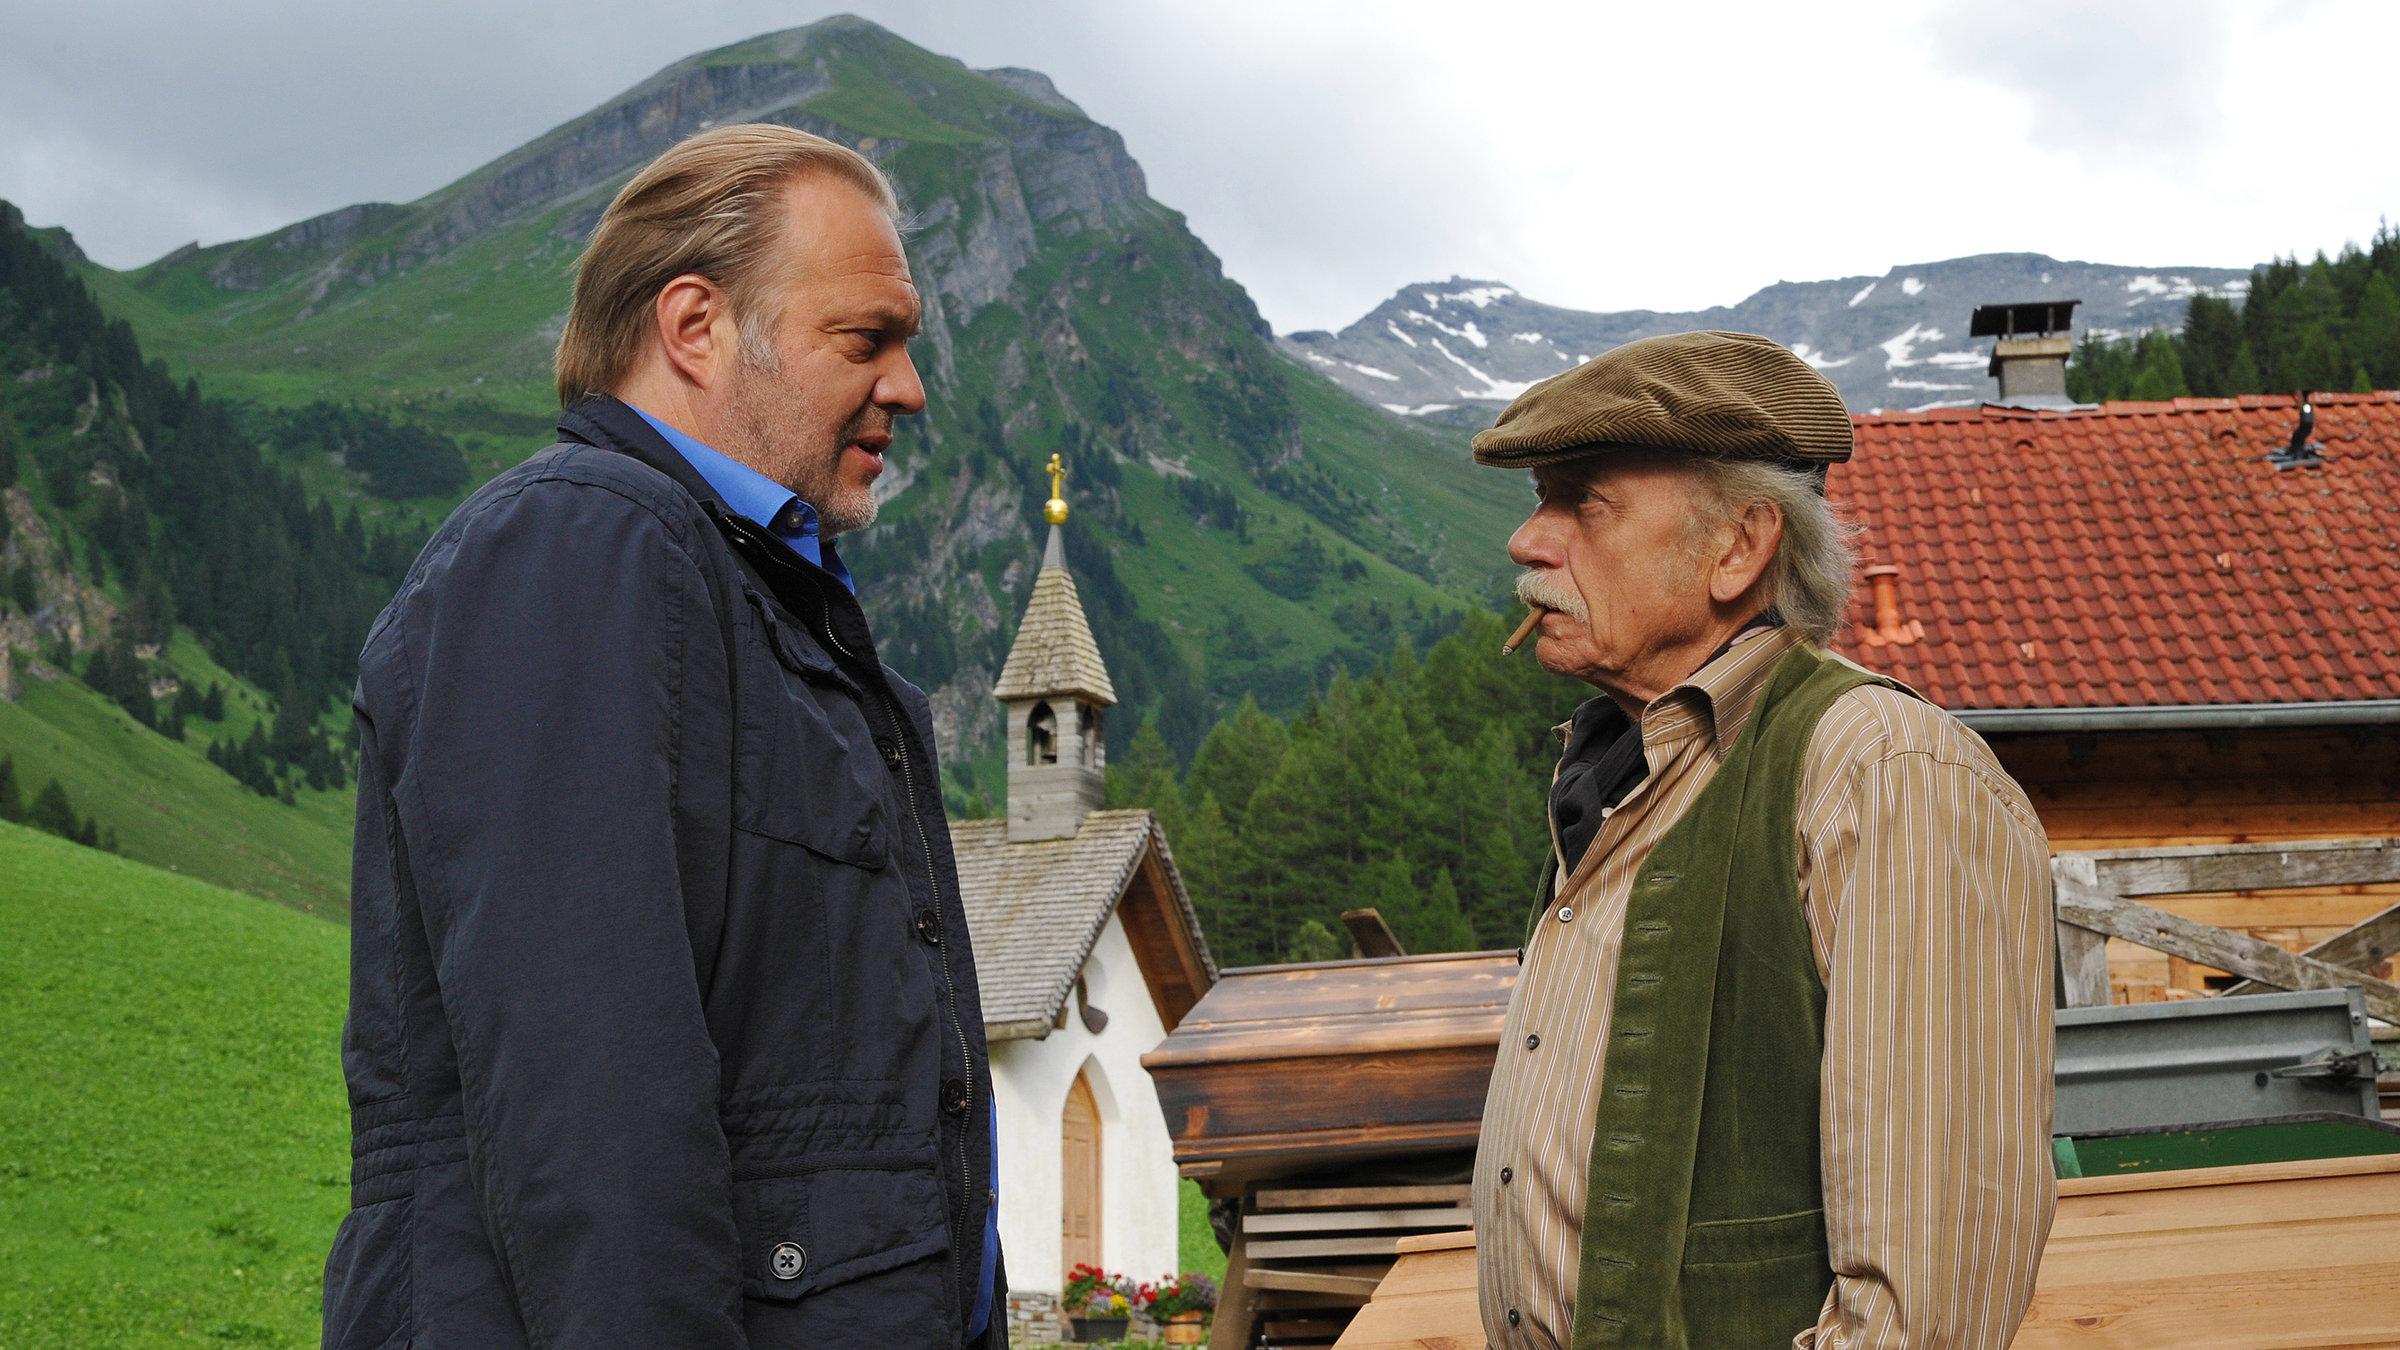 der alte mord in den alpen